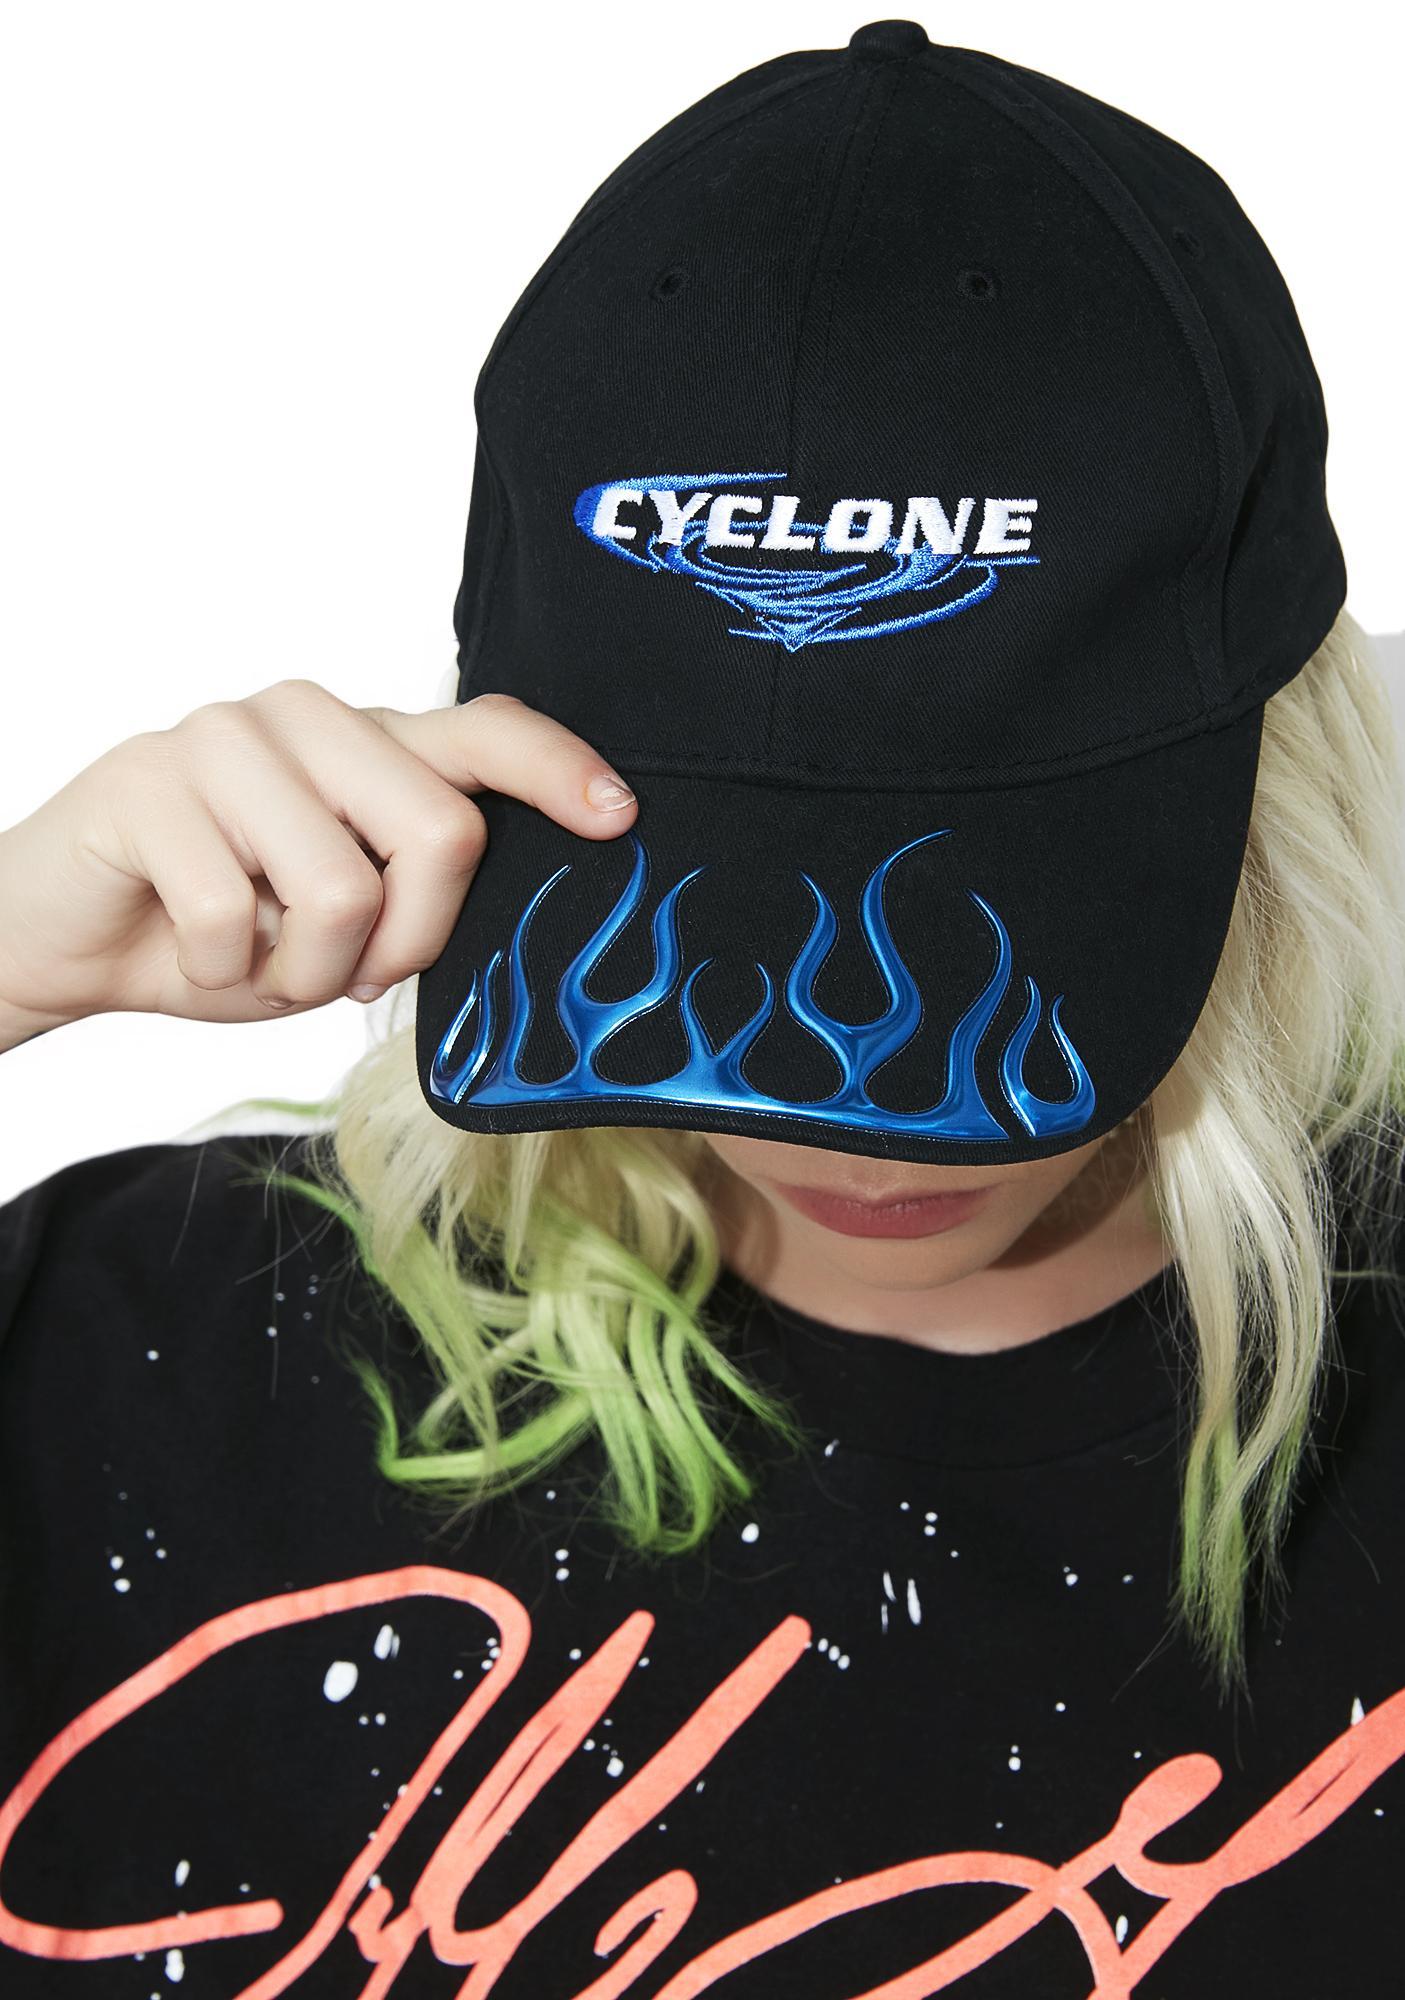 Vintage Cyclone Hat